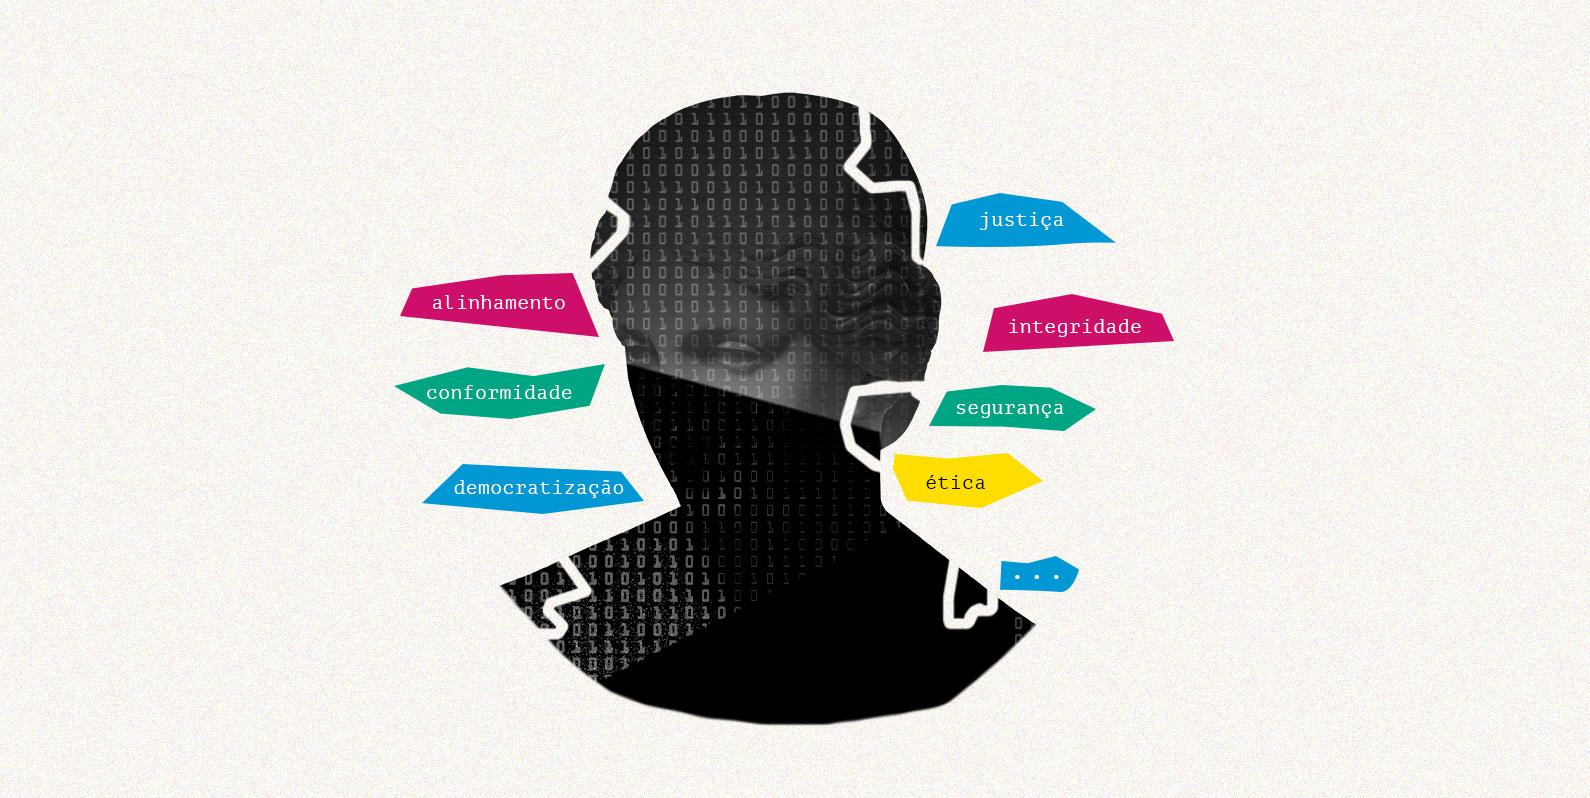 BigTechse a arte de escolher as palavras certas para falar sobre ética em IA